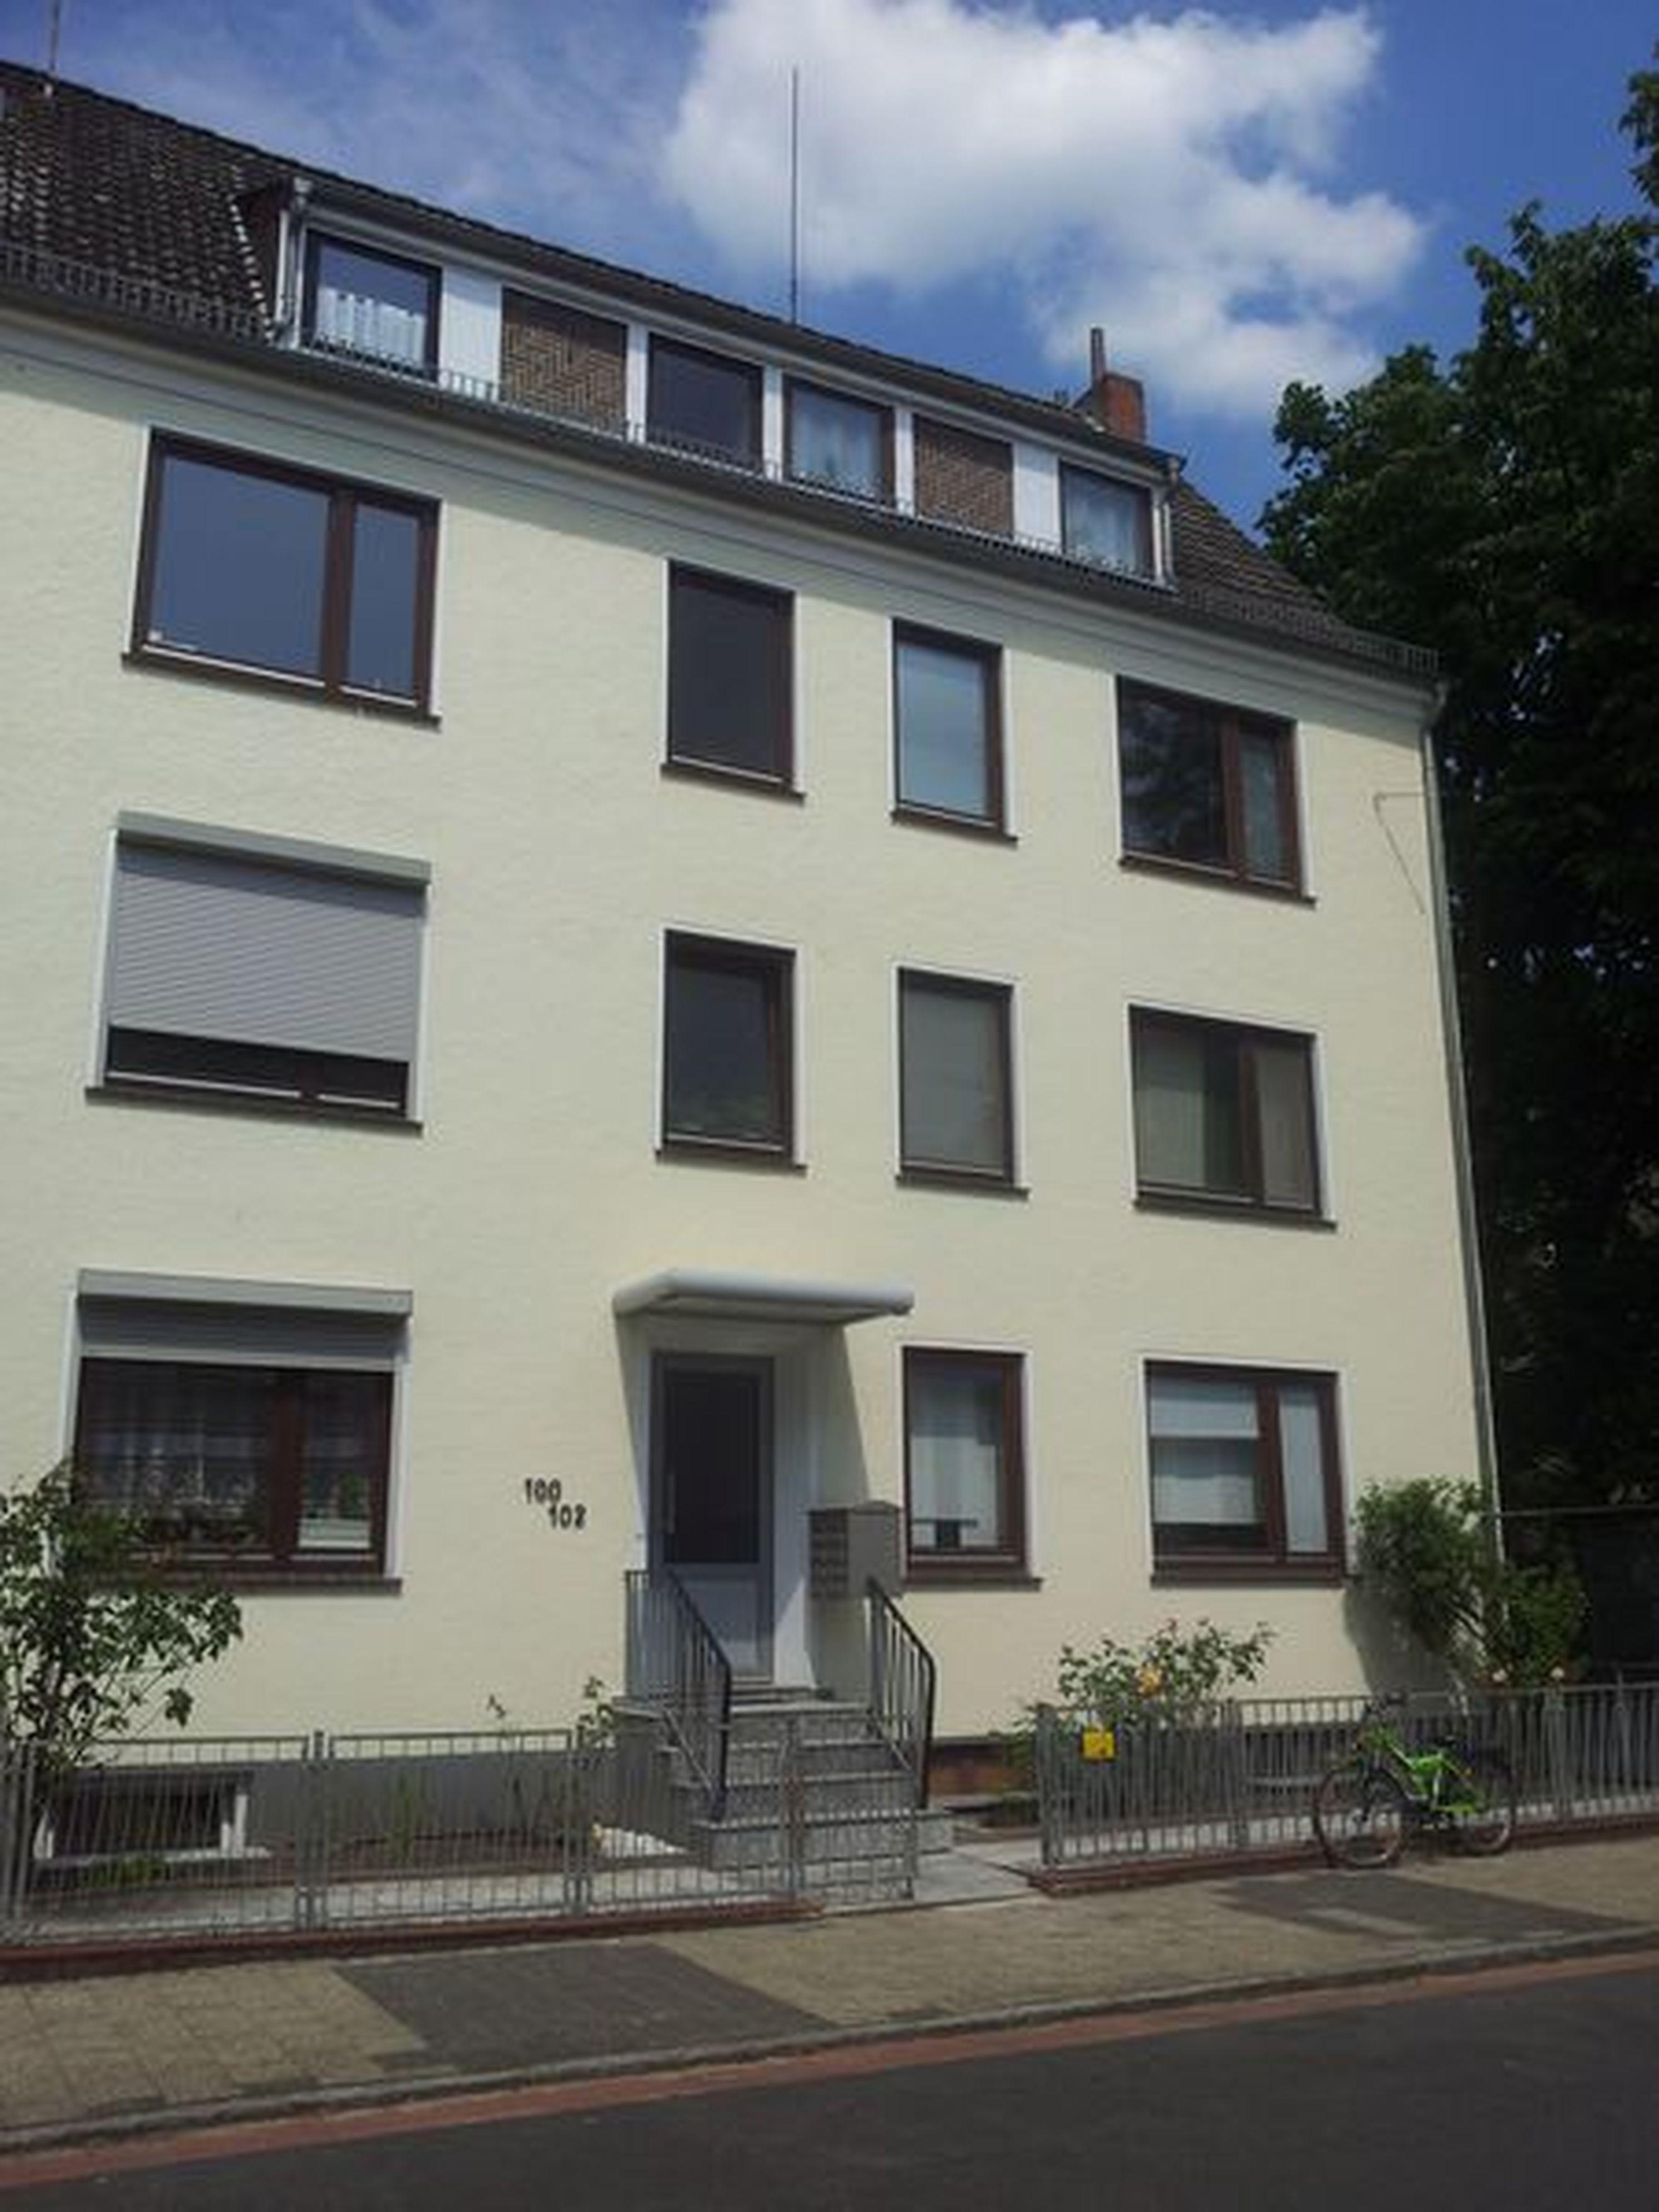 Ferienwohnung Zuhause in der Ferne - in der Nähe von Bremen (2379337), Bremen, , Bremen, Deutschland, Bild 12